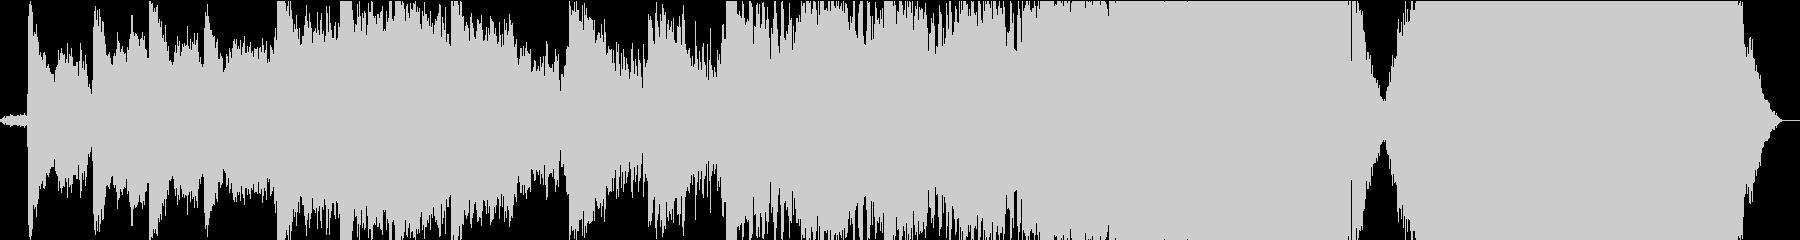 ダークオーケストラハリウッドトレイラーの未再生の波形